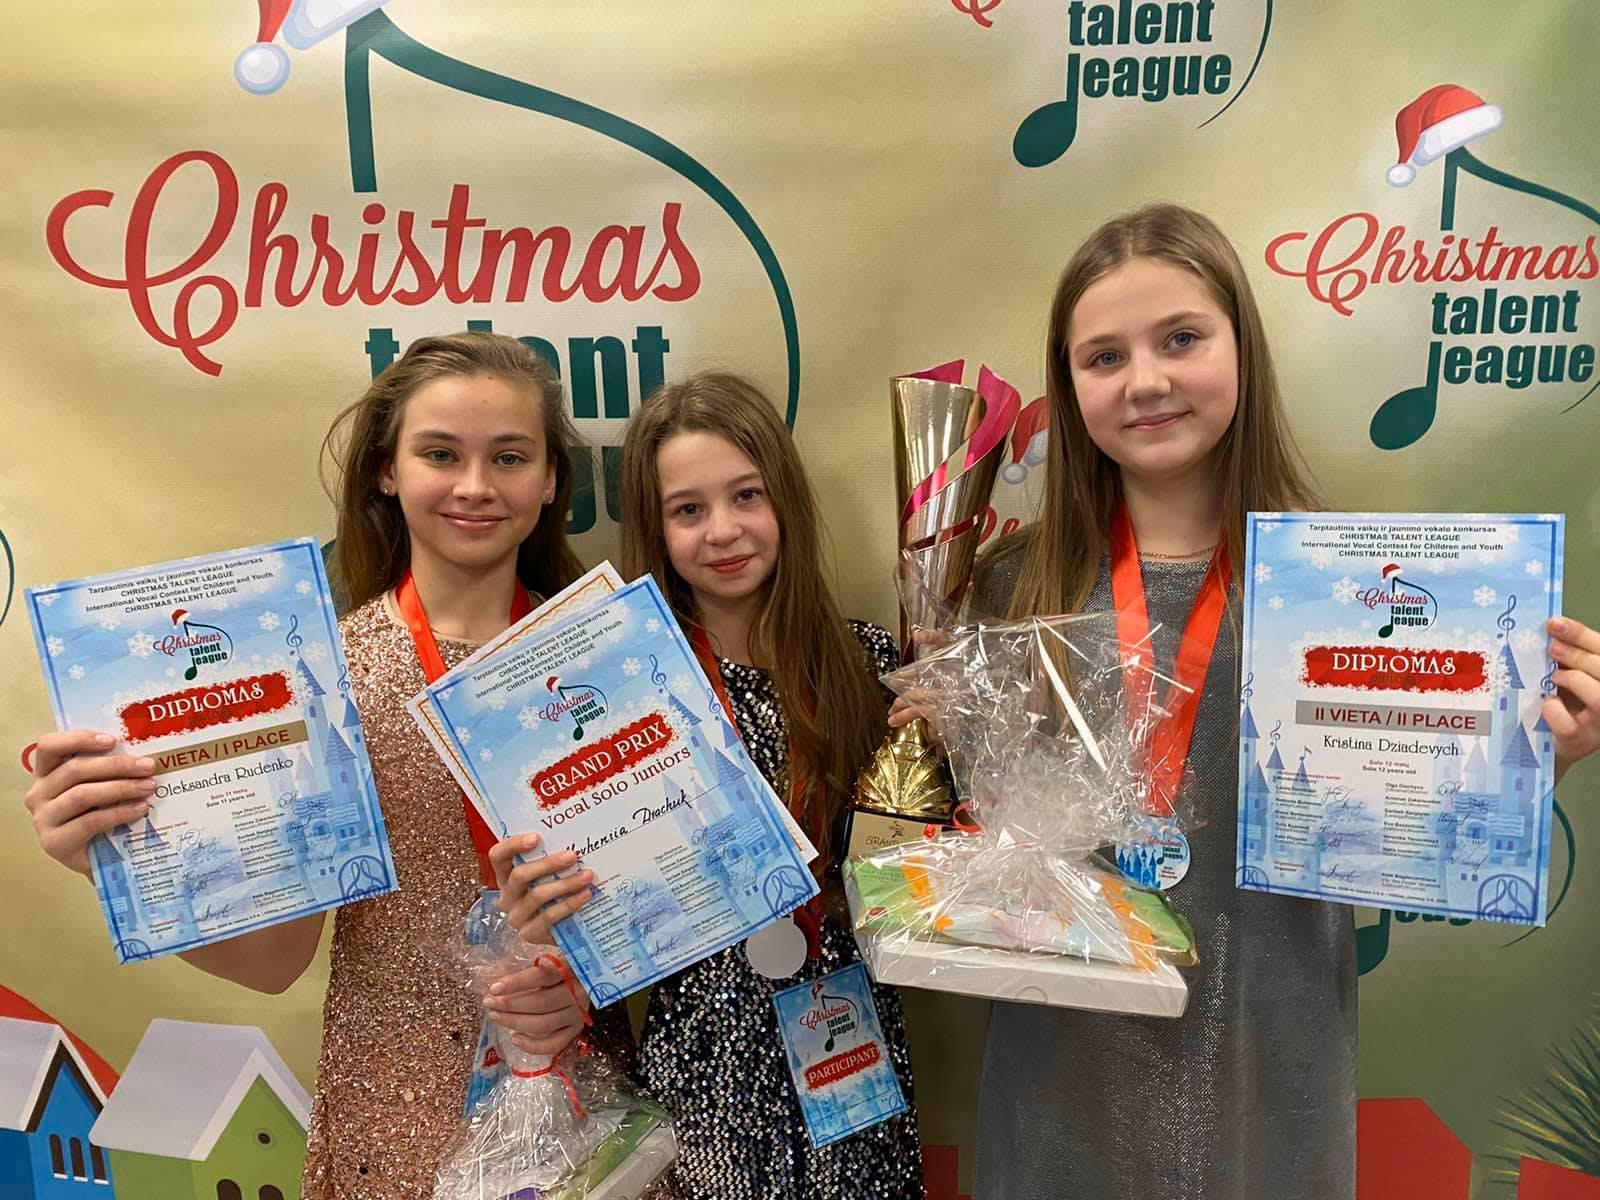 Учениці білоцерківської школи мистецтв перемогли на міжнародному вокальному конкурсі - перемоги, Біла Церква - 81942537 2613423448773837 5323943131140325376 o